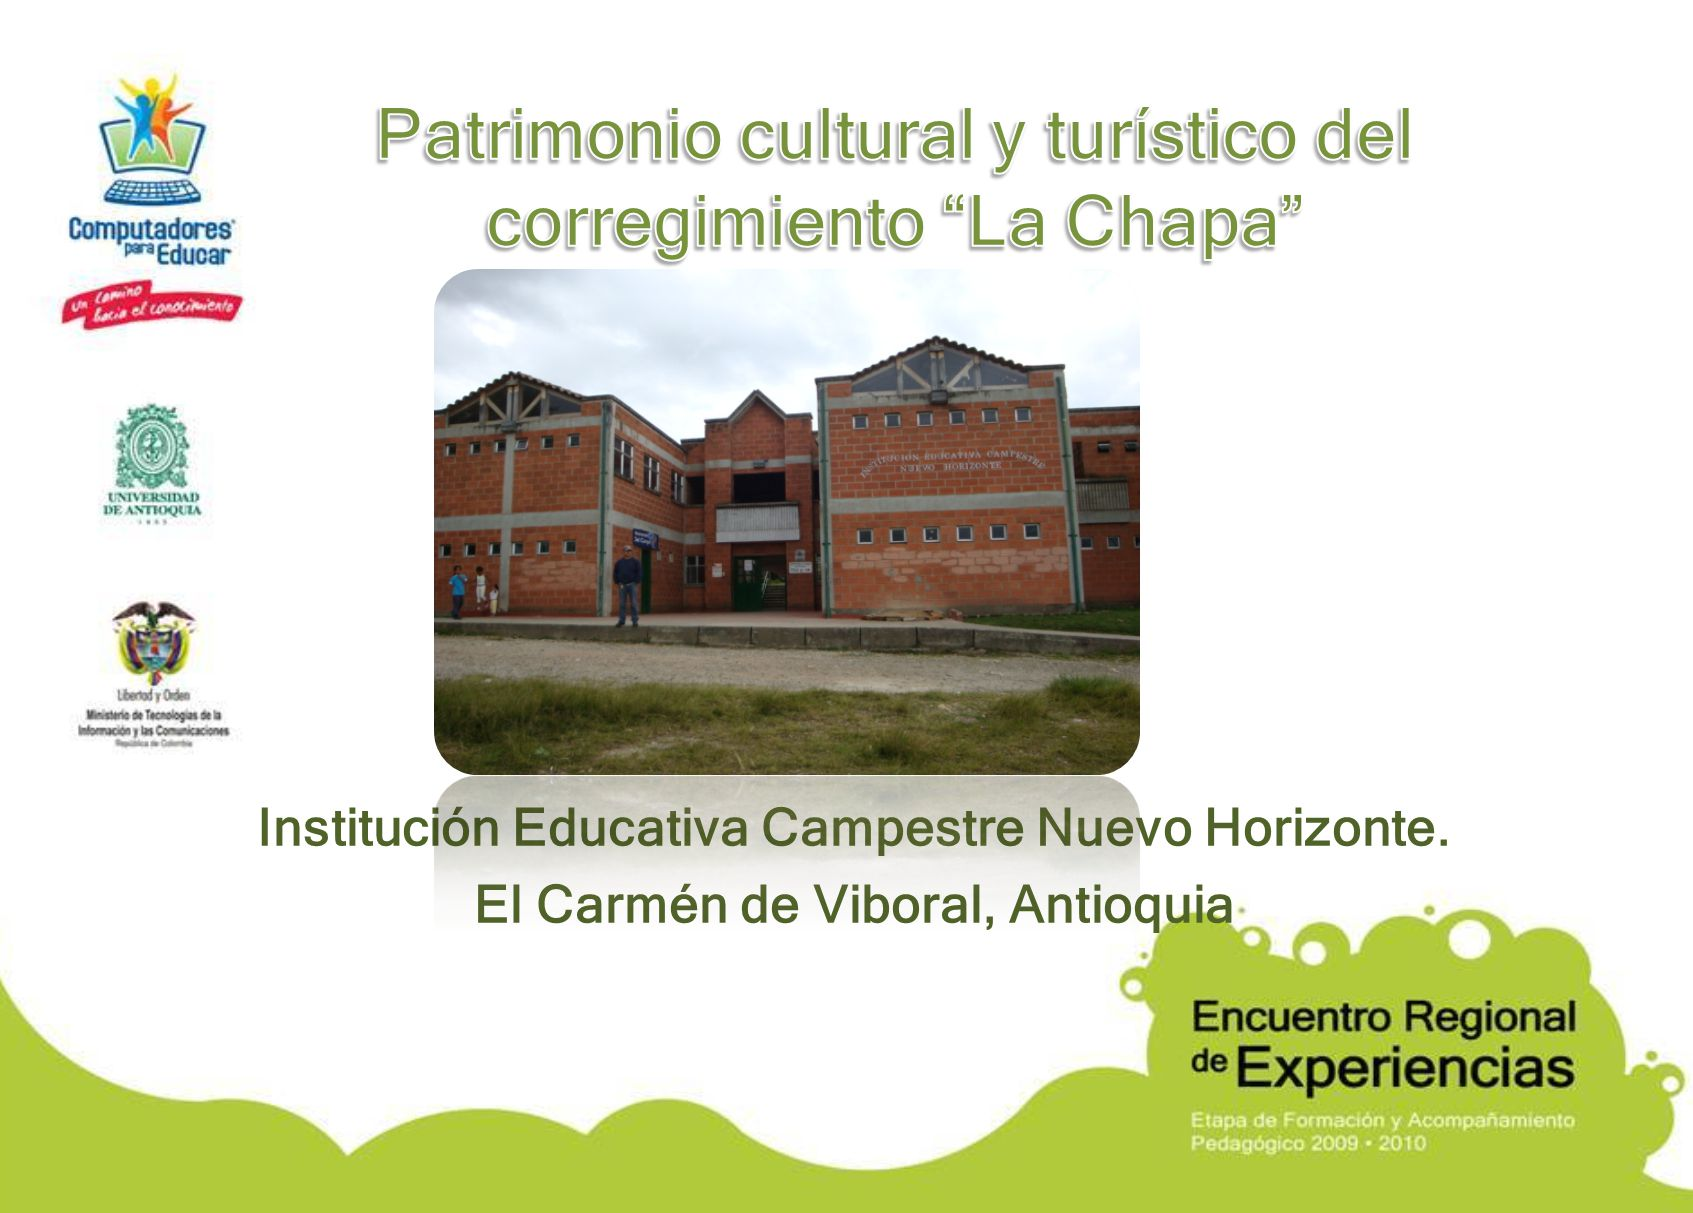 Patrimonio cultural y turístico del corregimiento La Chapa